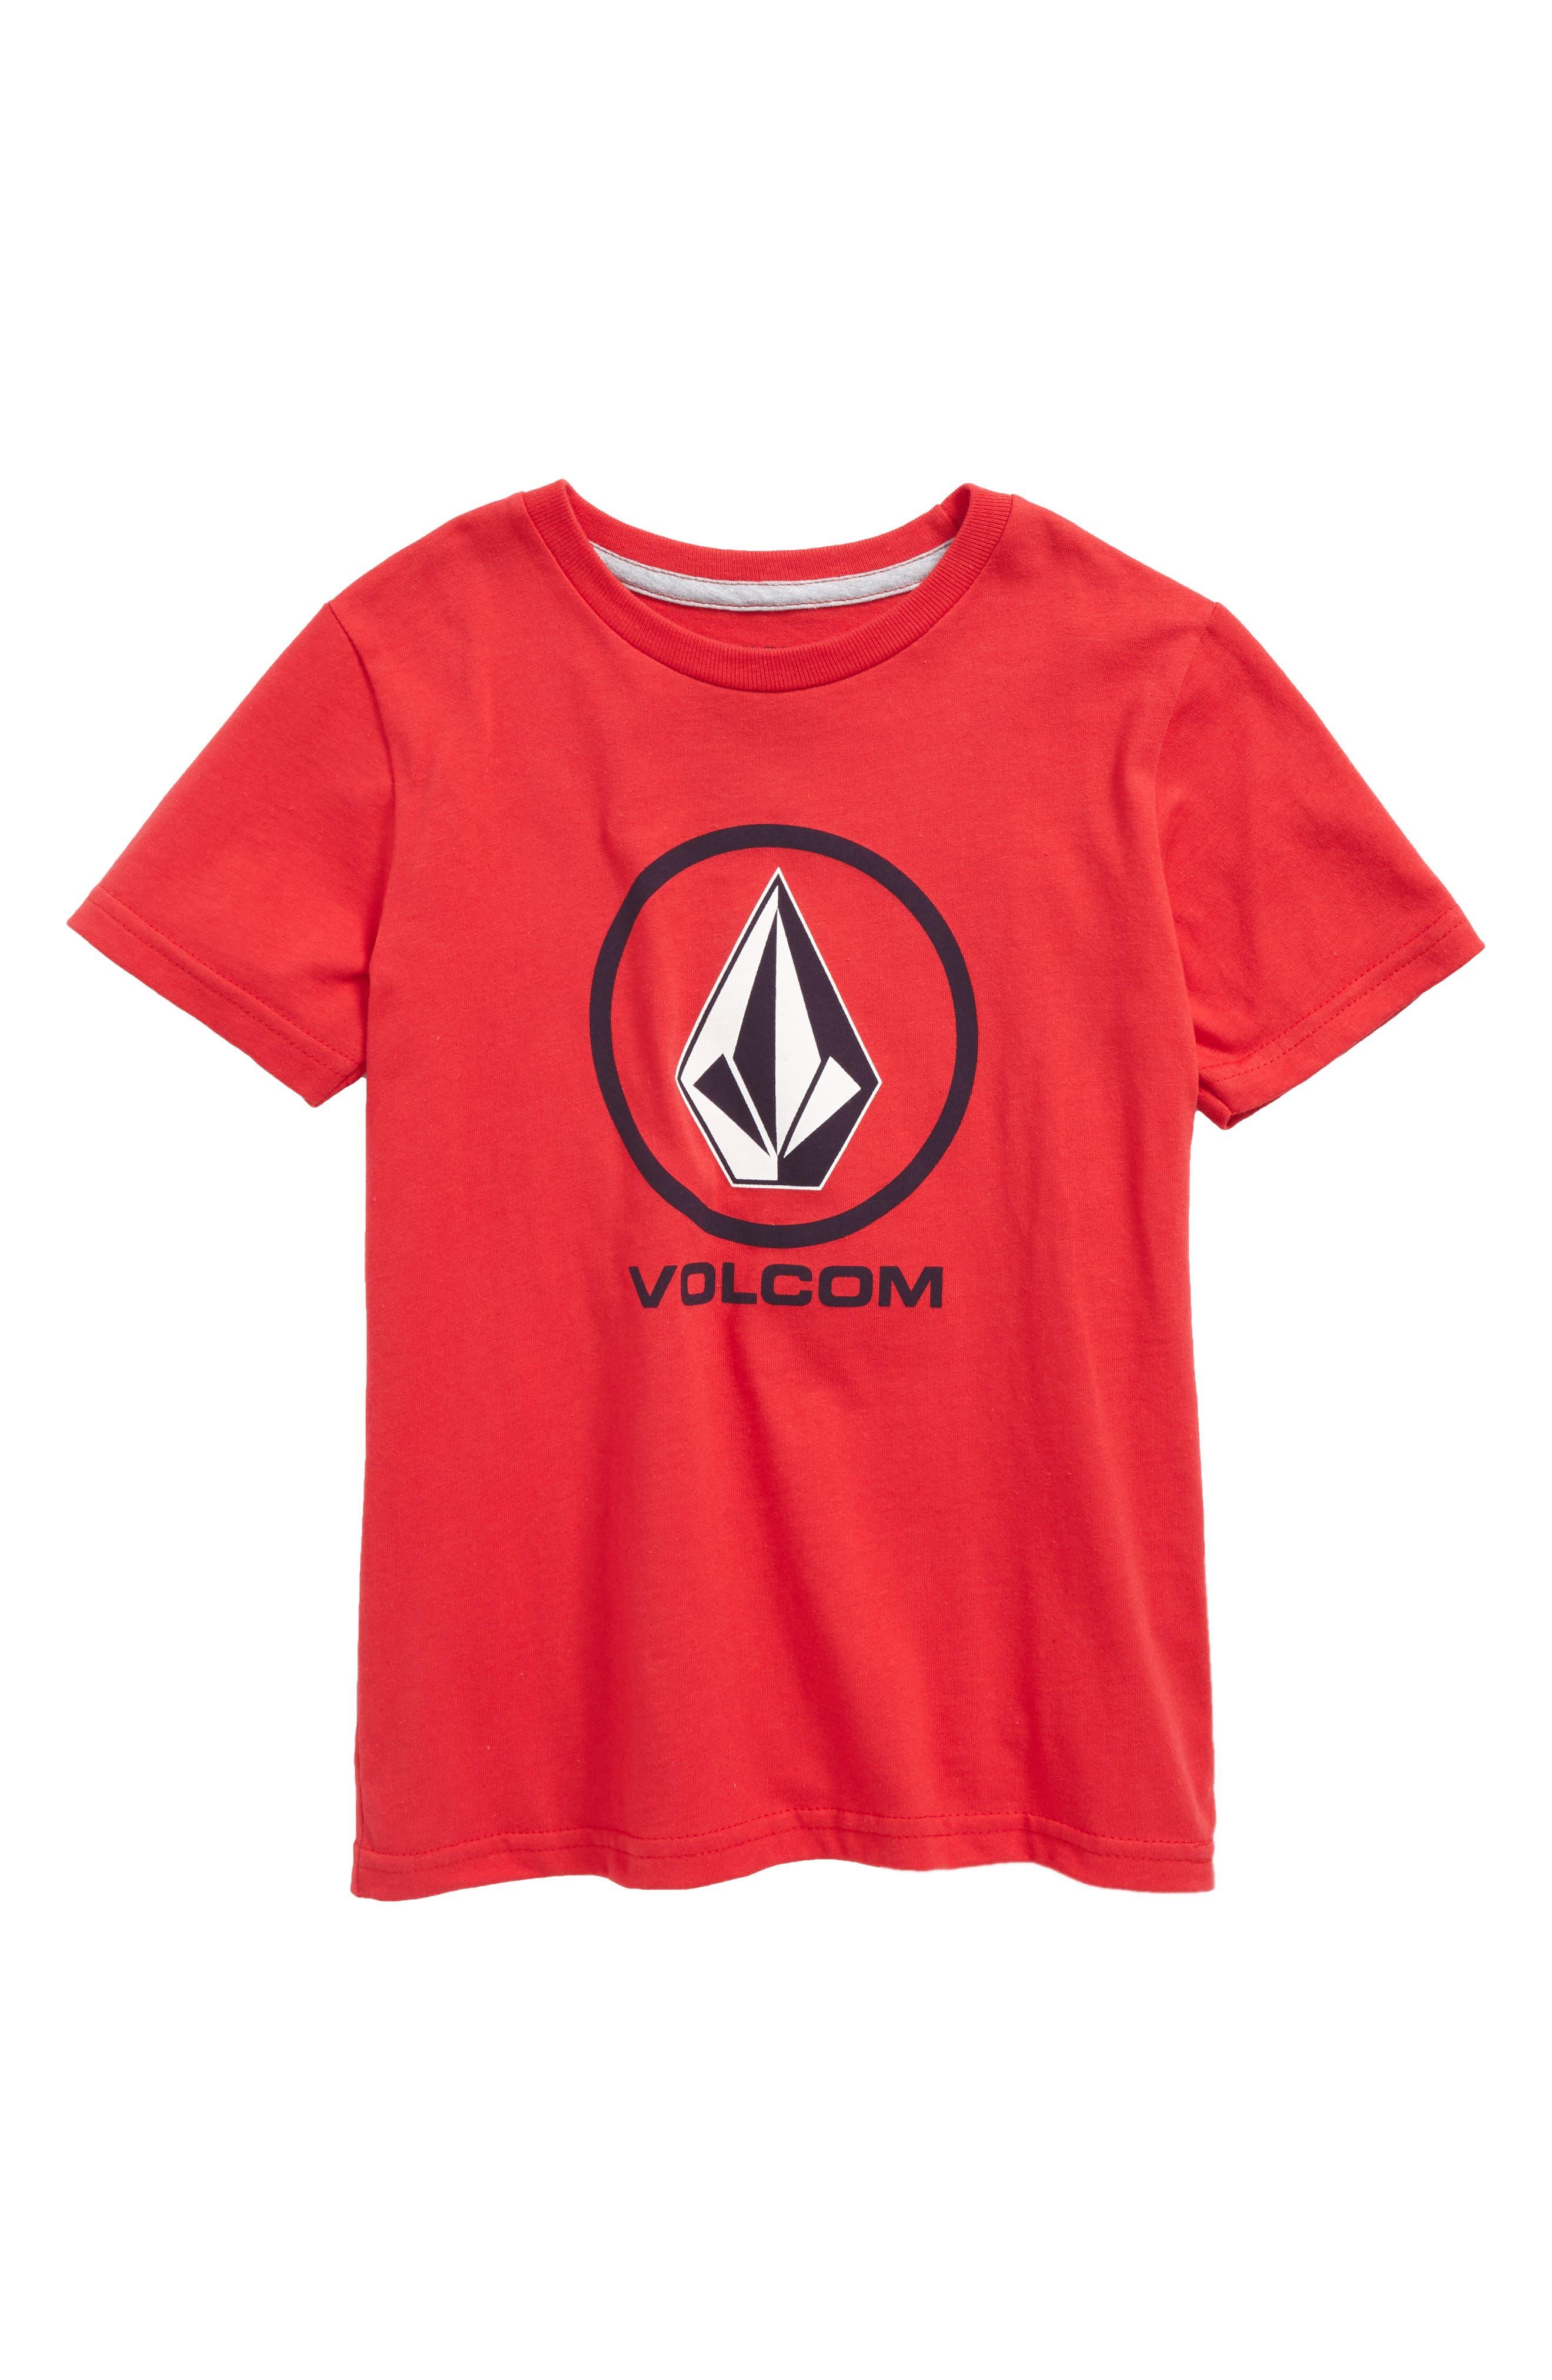 Volcom Crisp Stone Logo Graphic T-Shirt (Toddler Boys & Little Boys)